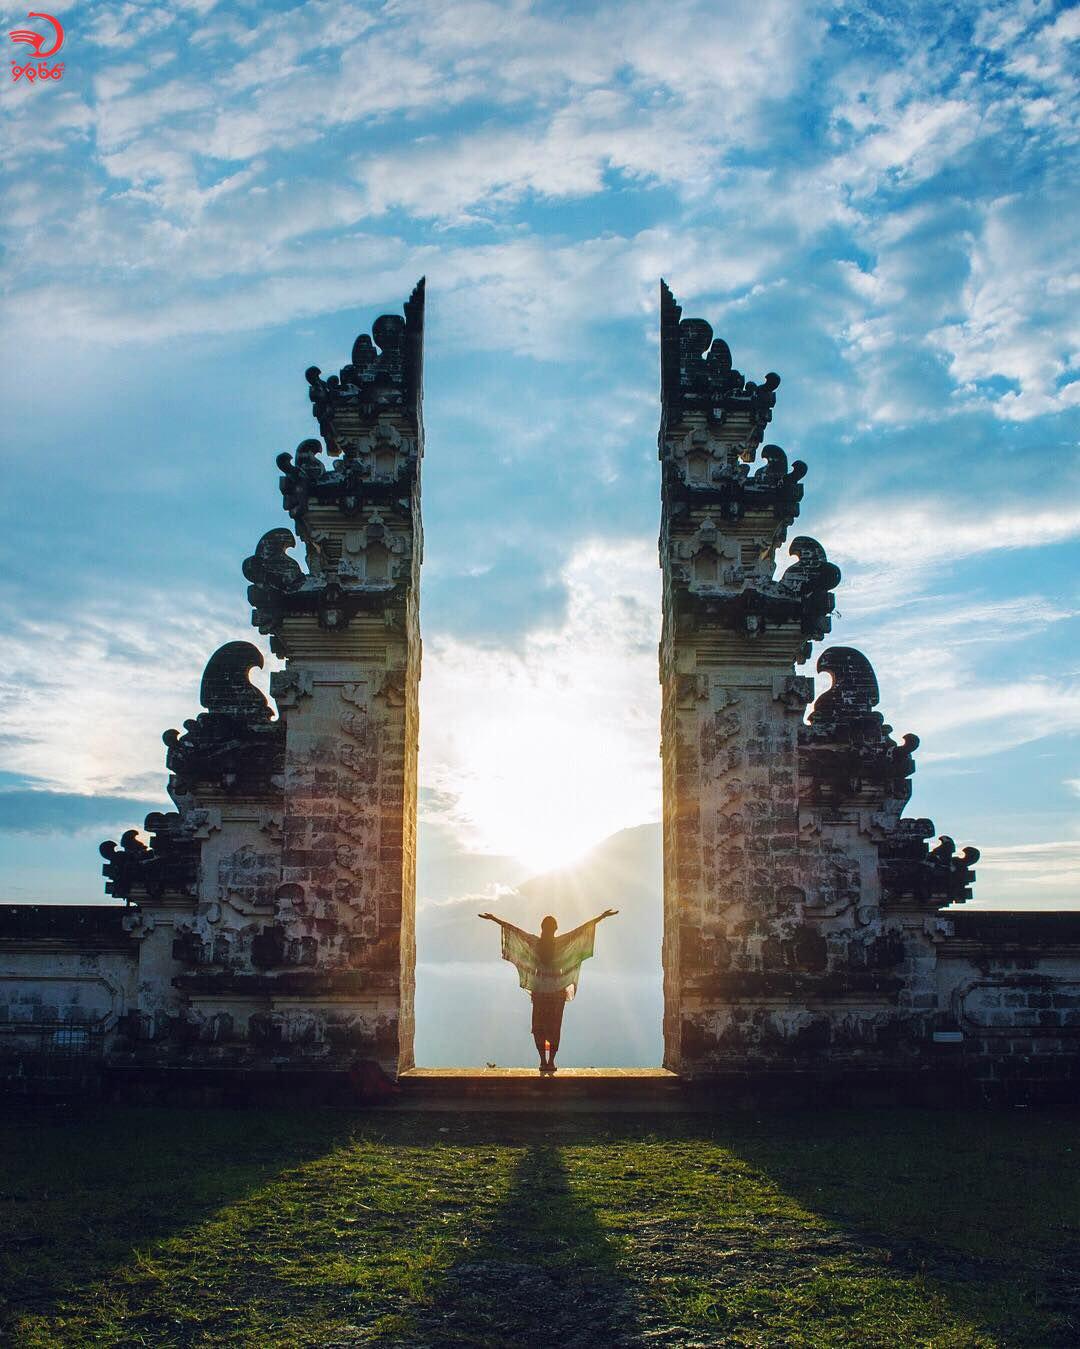 معبد پورا لمپویانگ لوهور بالی